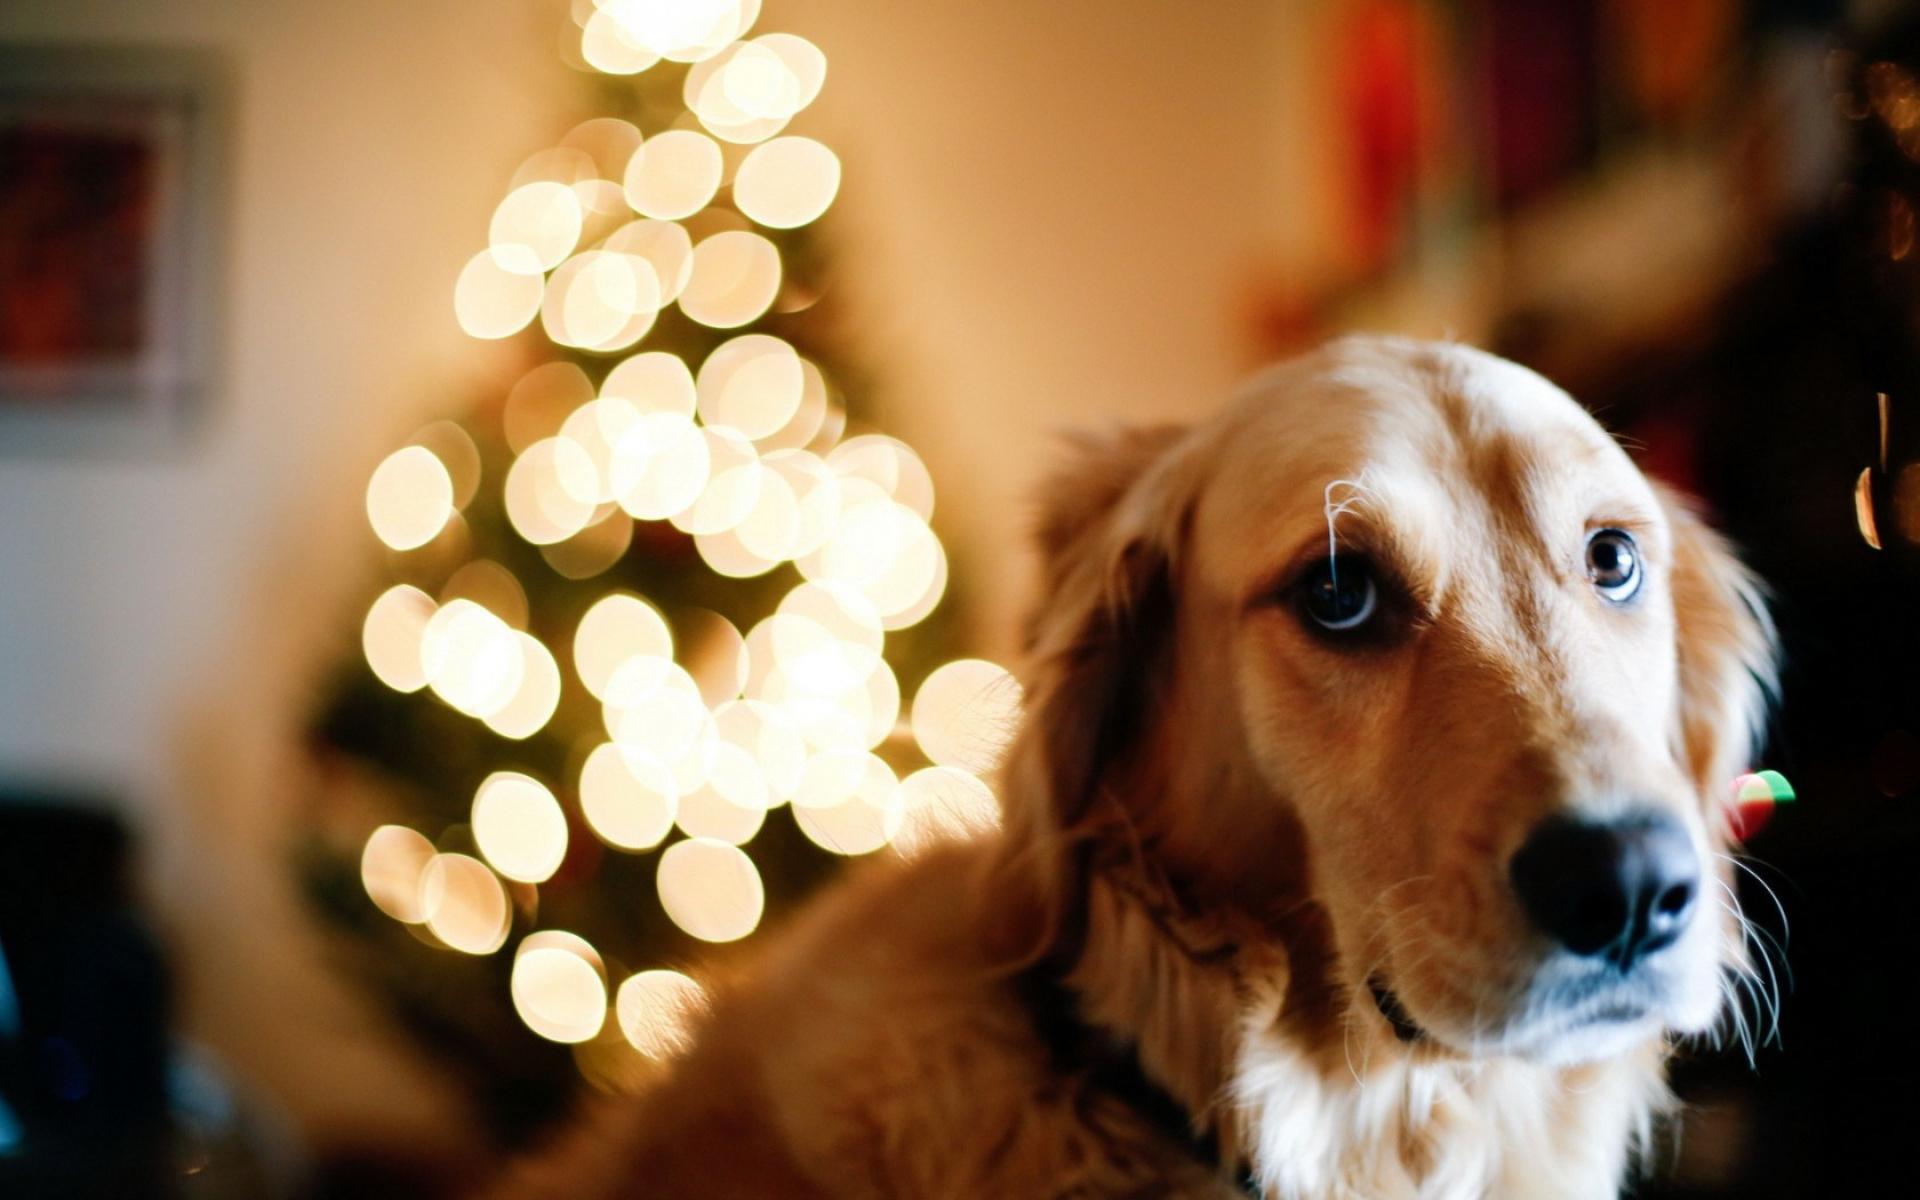 кружки картинки для года собаки изделия имеют высокое